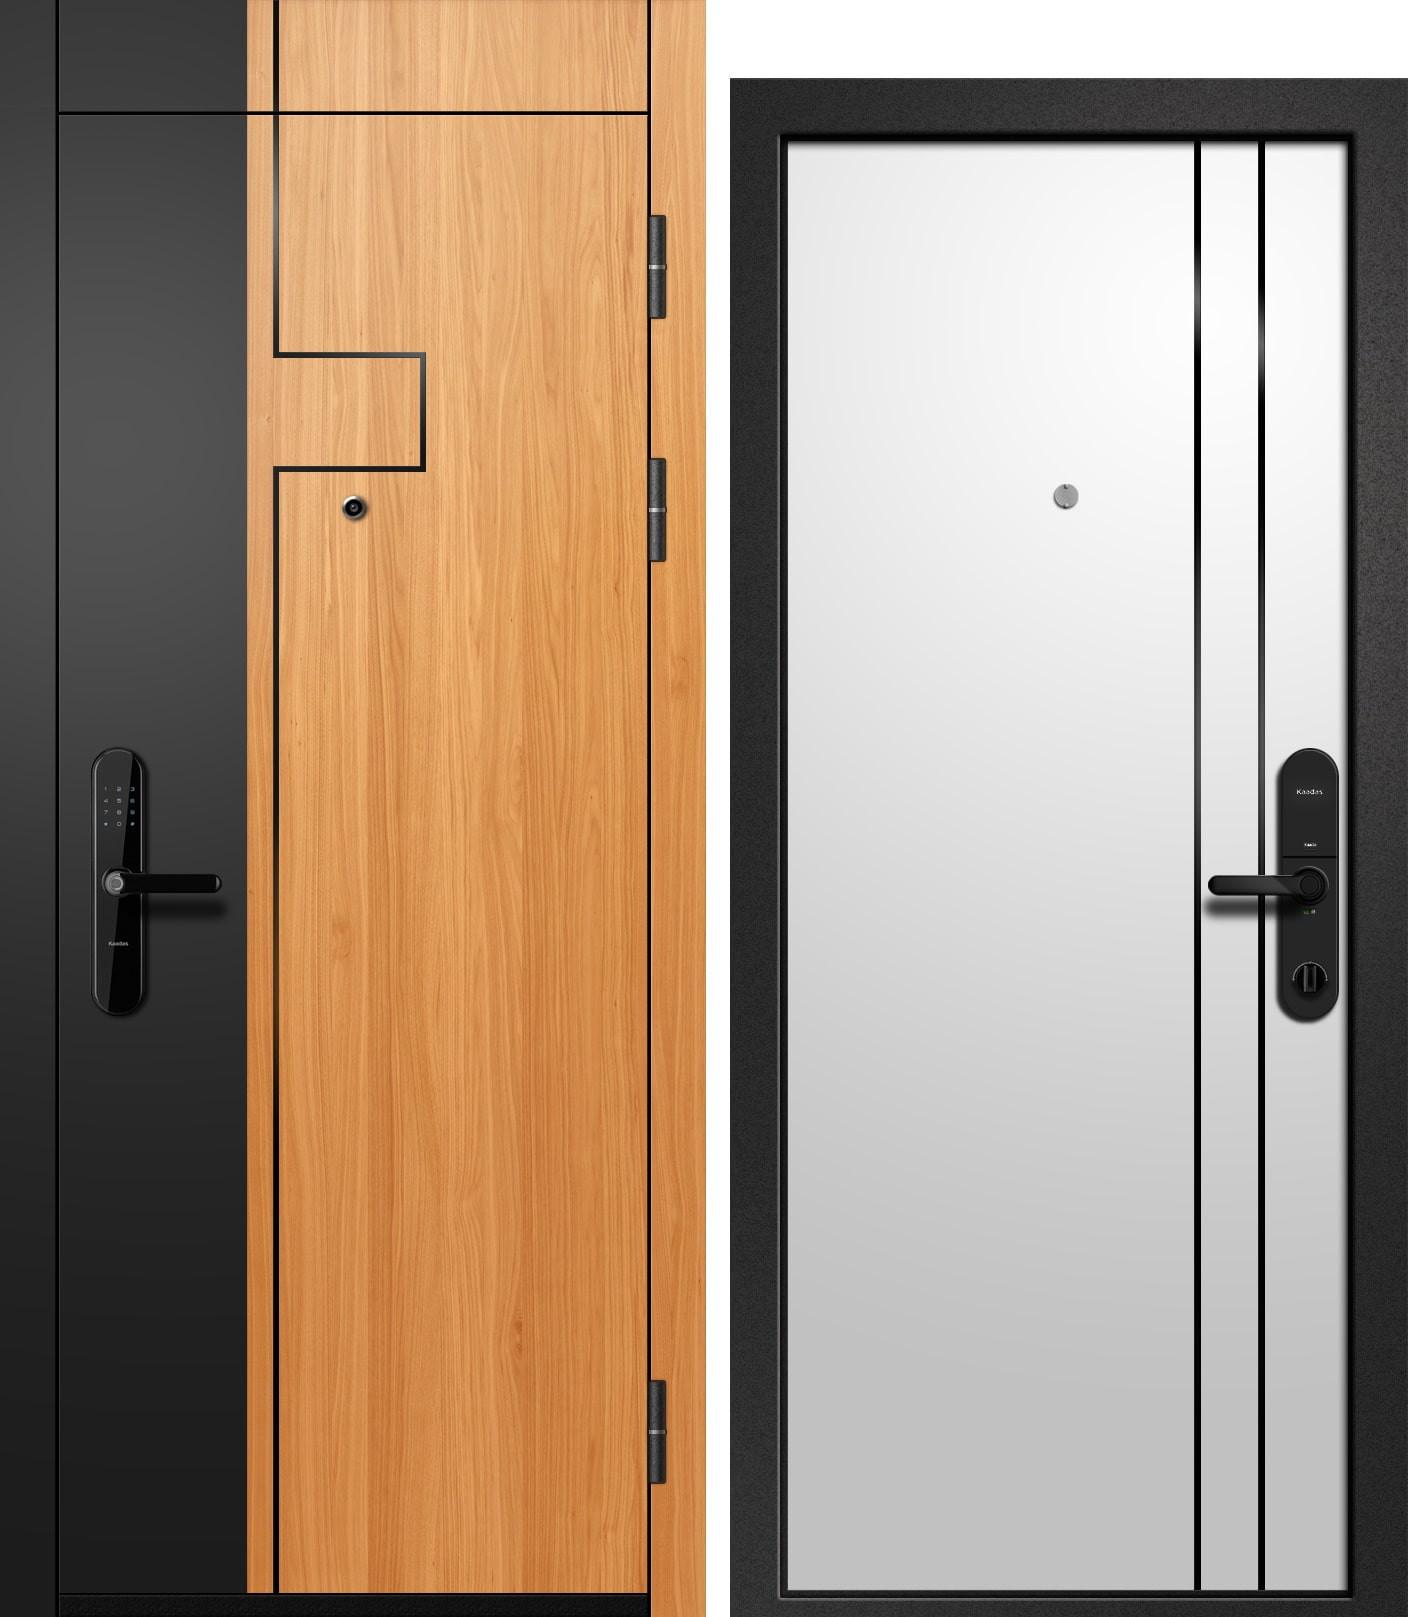 Ретвизан ОРФЕЙ-711 Софт черный+Вишня оксфорд+молдинг/Силк сноу+молдинг/Букле черный, биометрический замок